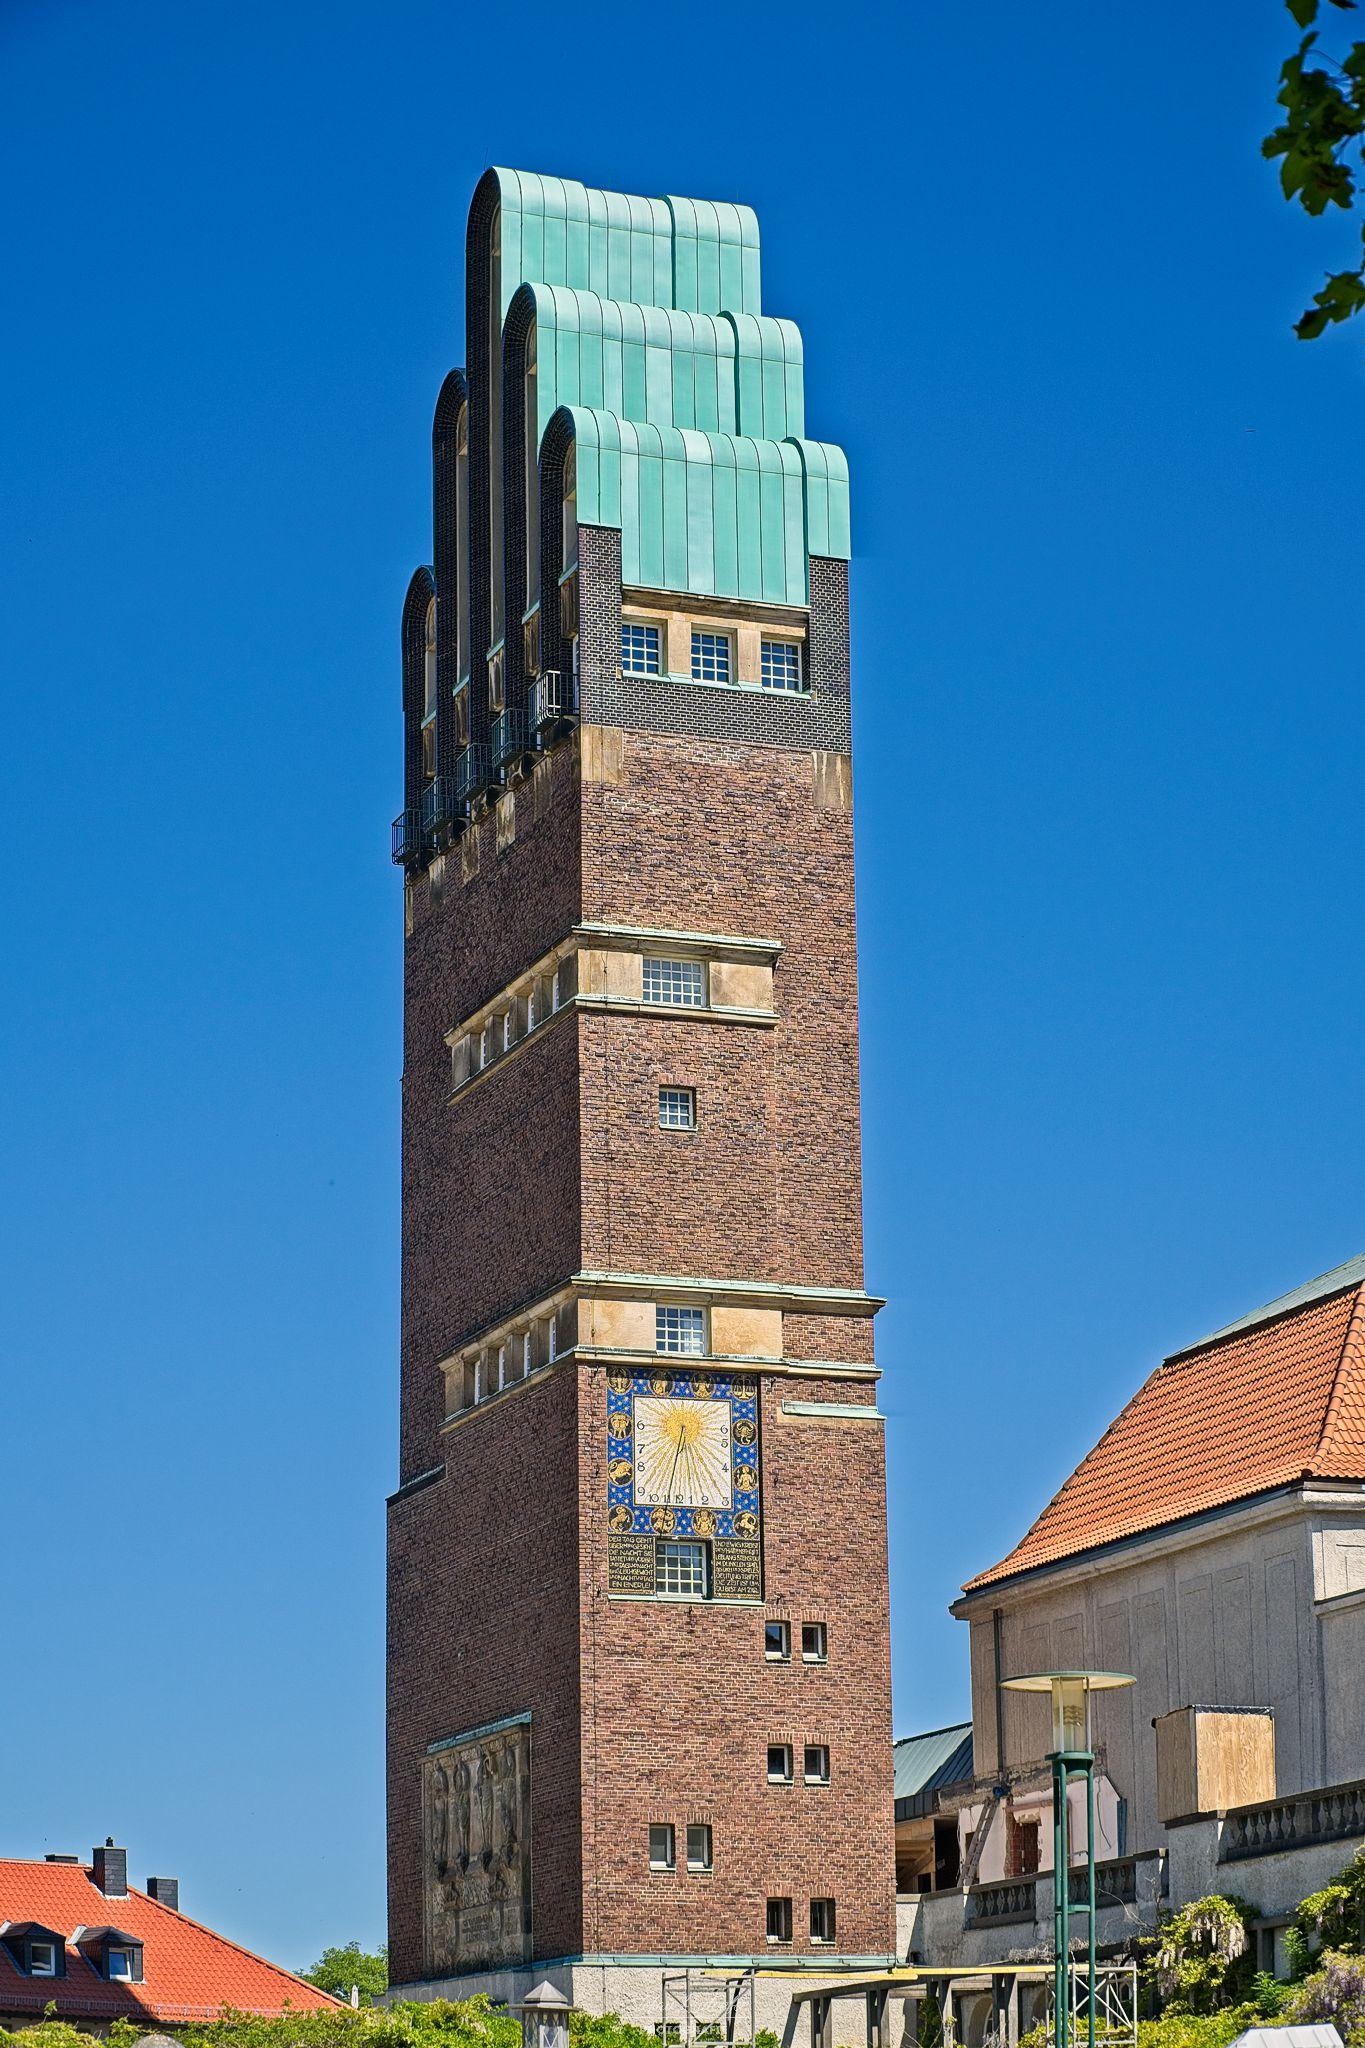 Hochzeitsturm der Stadt Darmstadt